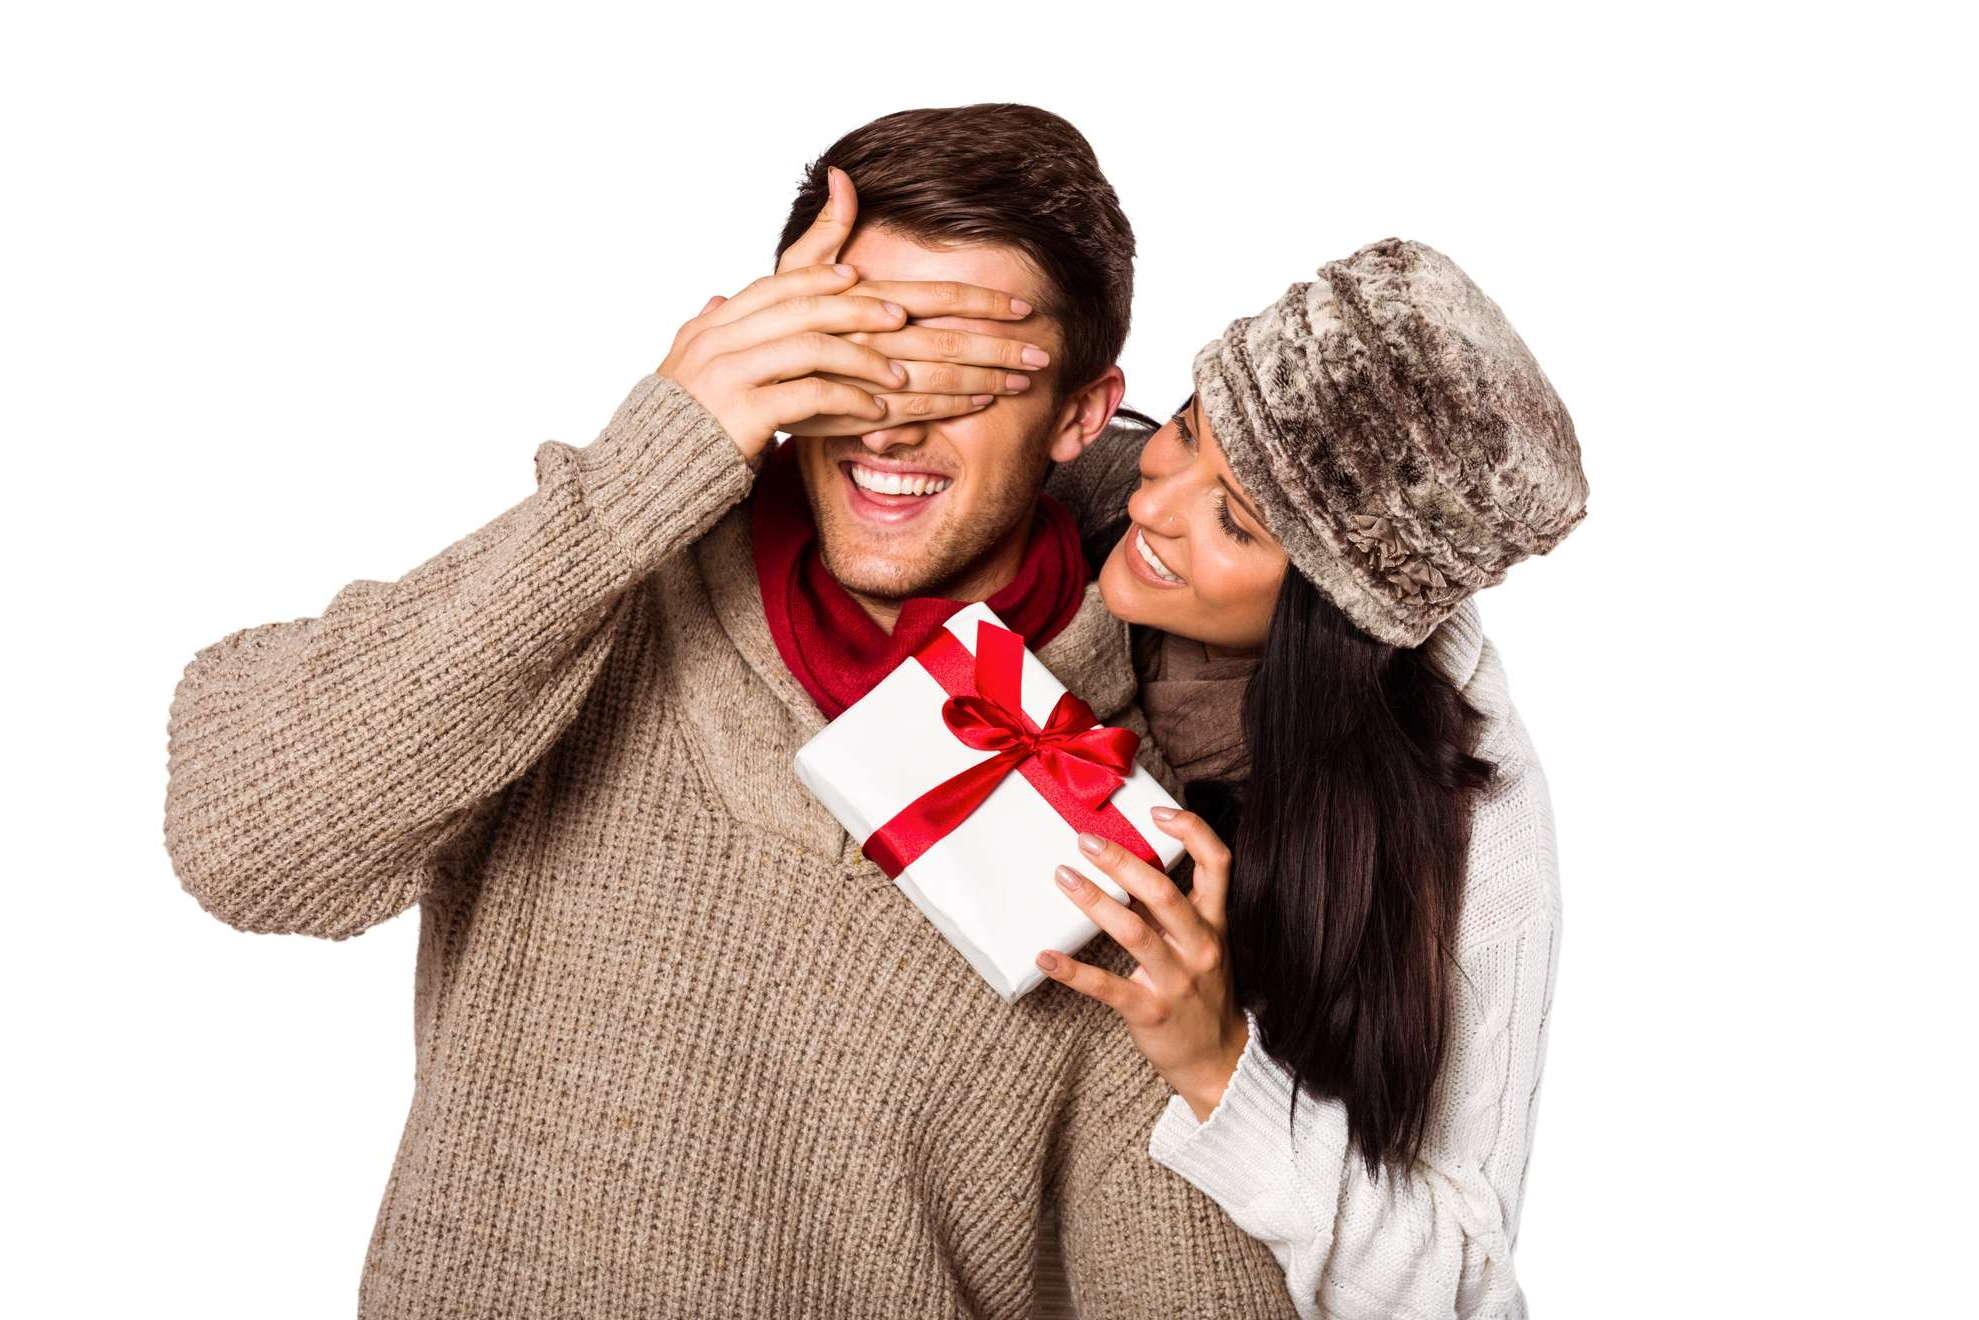 Приметы о подарках — что нельзя дарить девушке